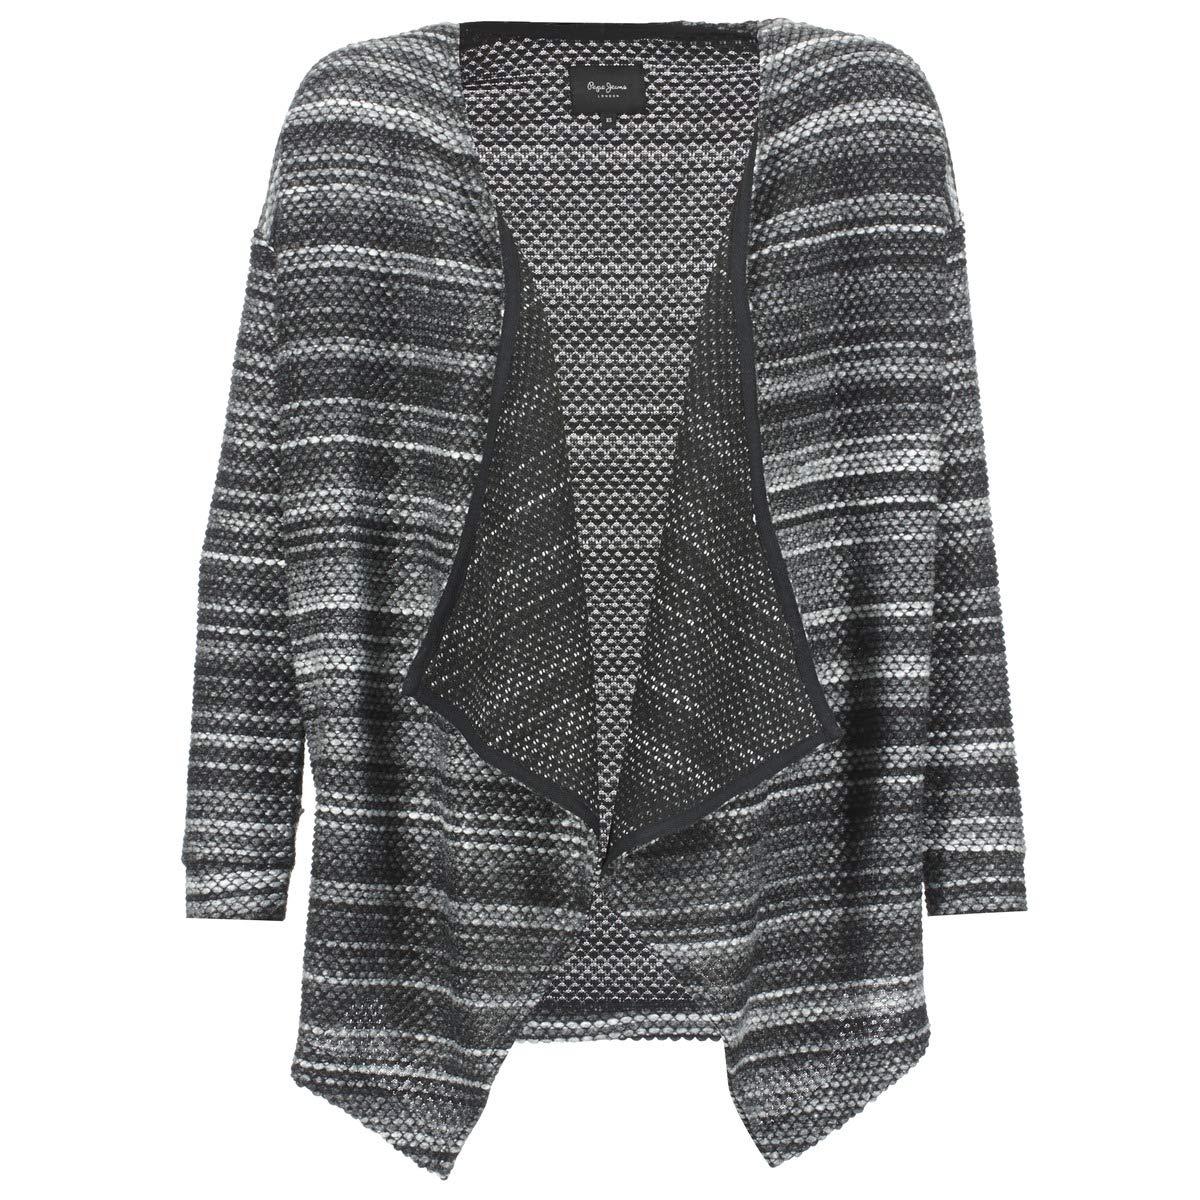 TALLA 40 (Talla del fabricante: Medium). Pepe Jeans Nurias Sudadera para Mujer